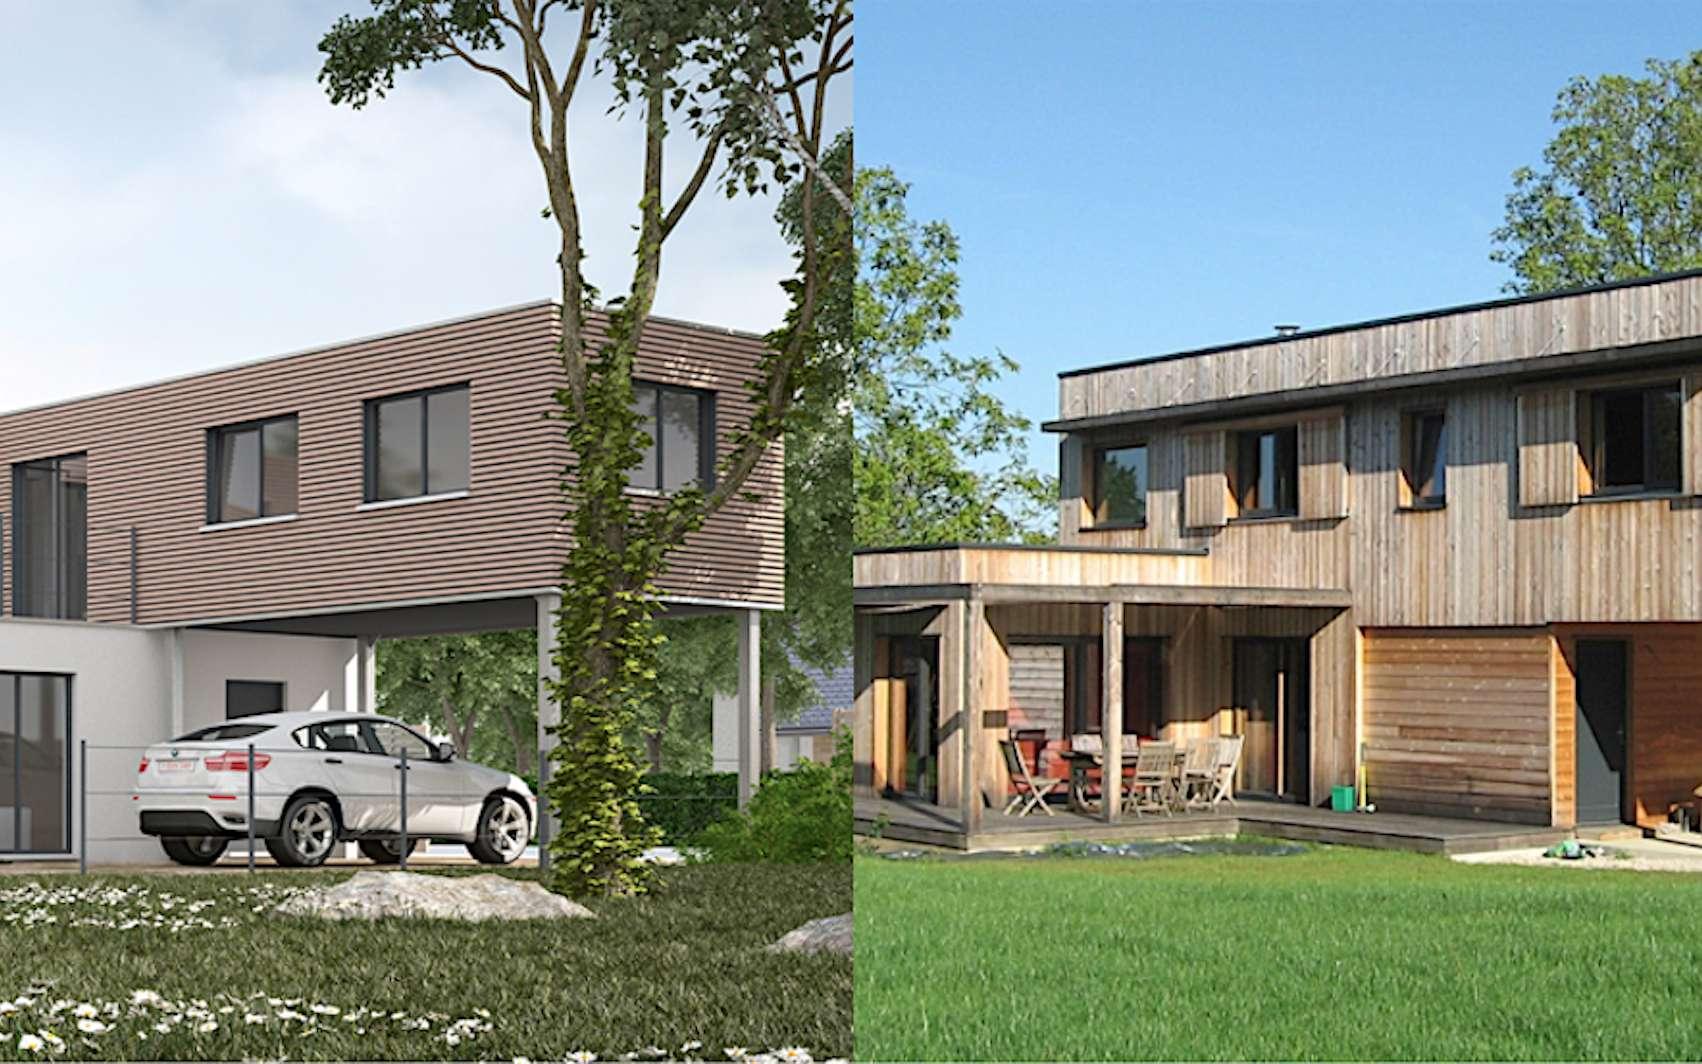 Maison modulaire « California » de Modulart, à gauche ; maison bioclimatique de Arborès Architecture, à droite. © Modulart, Arborès Architecture